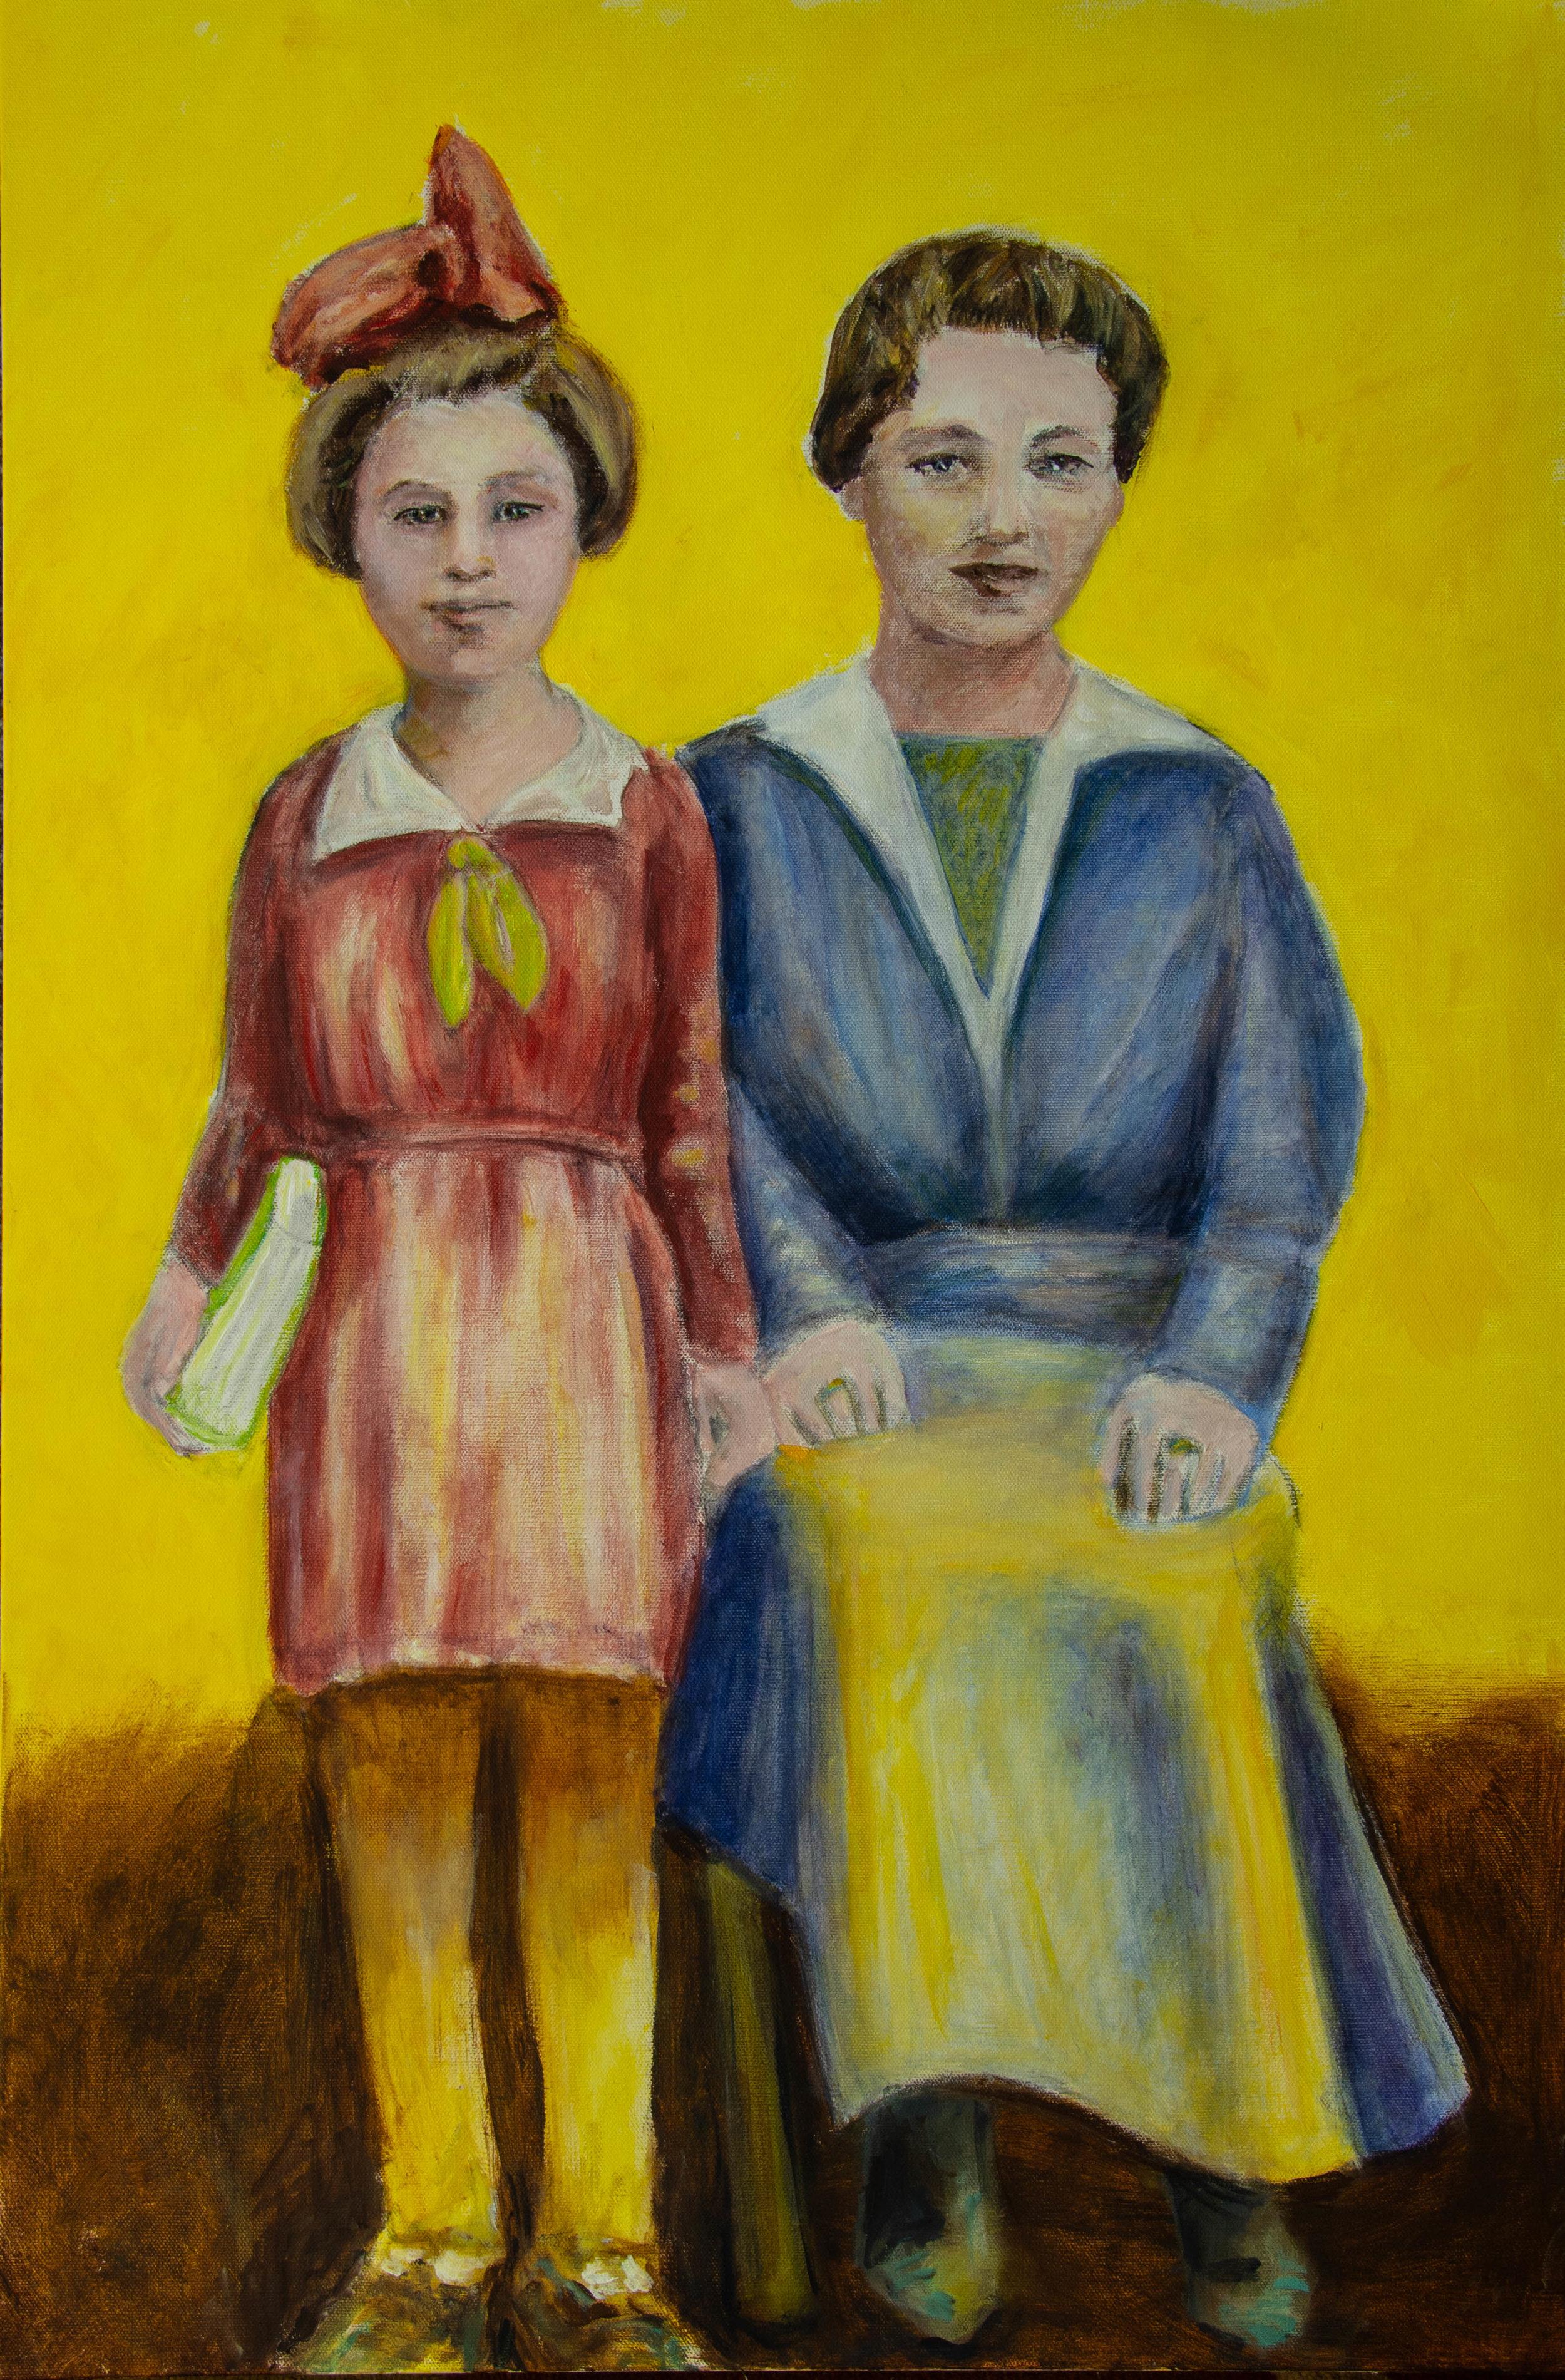 """Rae and Celia, 24x36"""", acrylic on canvas. Rachel Lulov Segall 2018"""